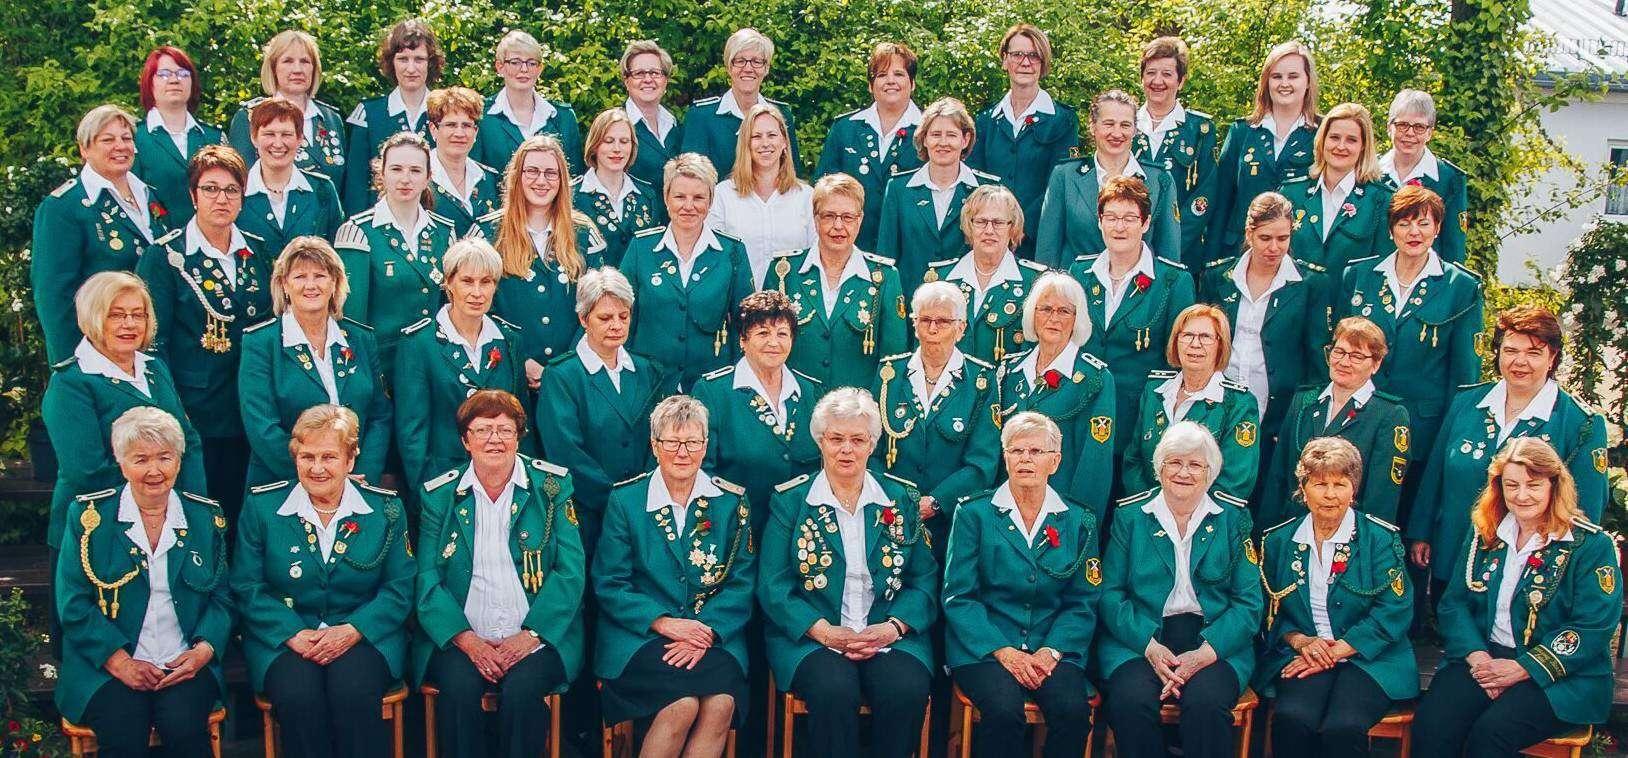 Die Brockeler Damenriege feiert in der kommenden Woche ihr 50-jähriges Bestehen mit einer Jubiläumsveranstaltung und Schießwettbewerben.